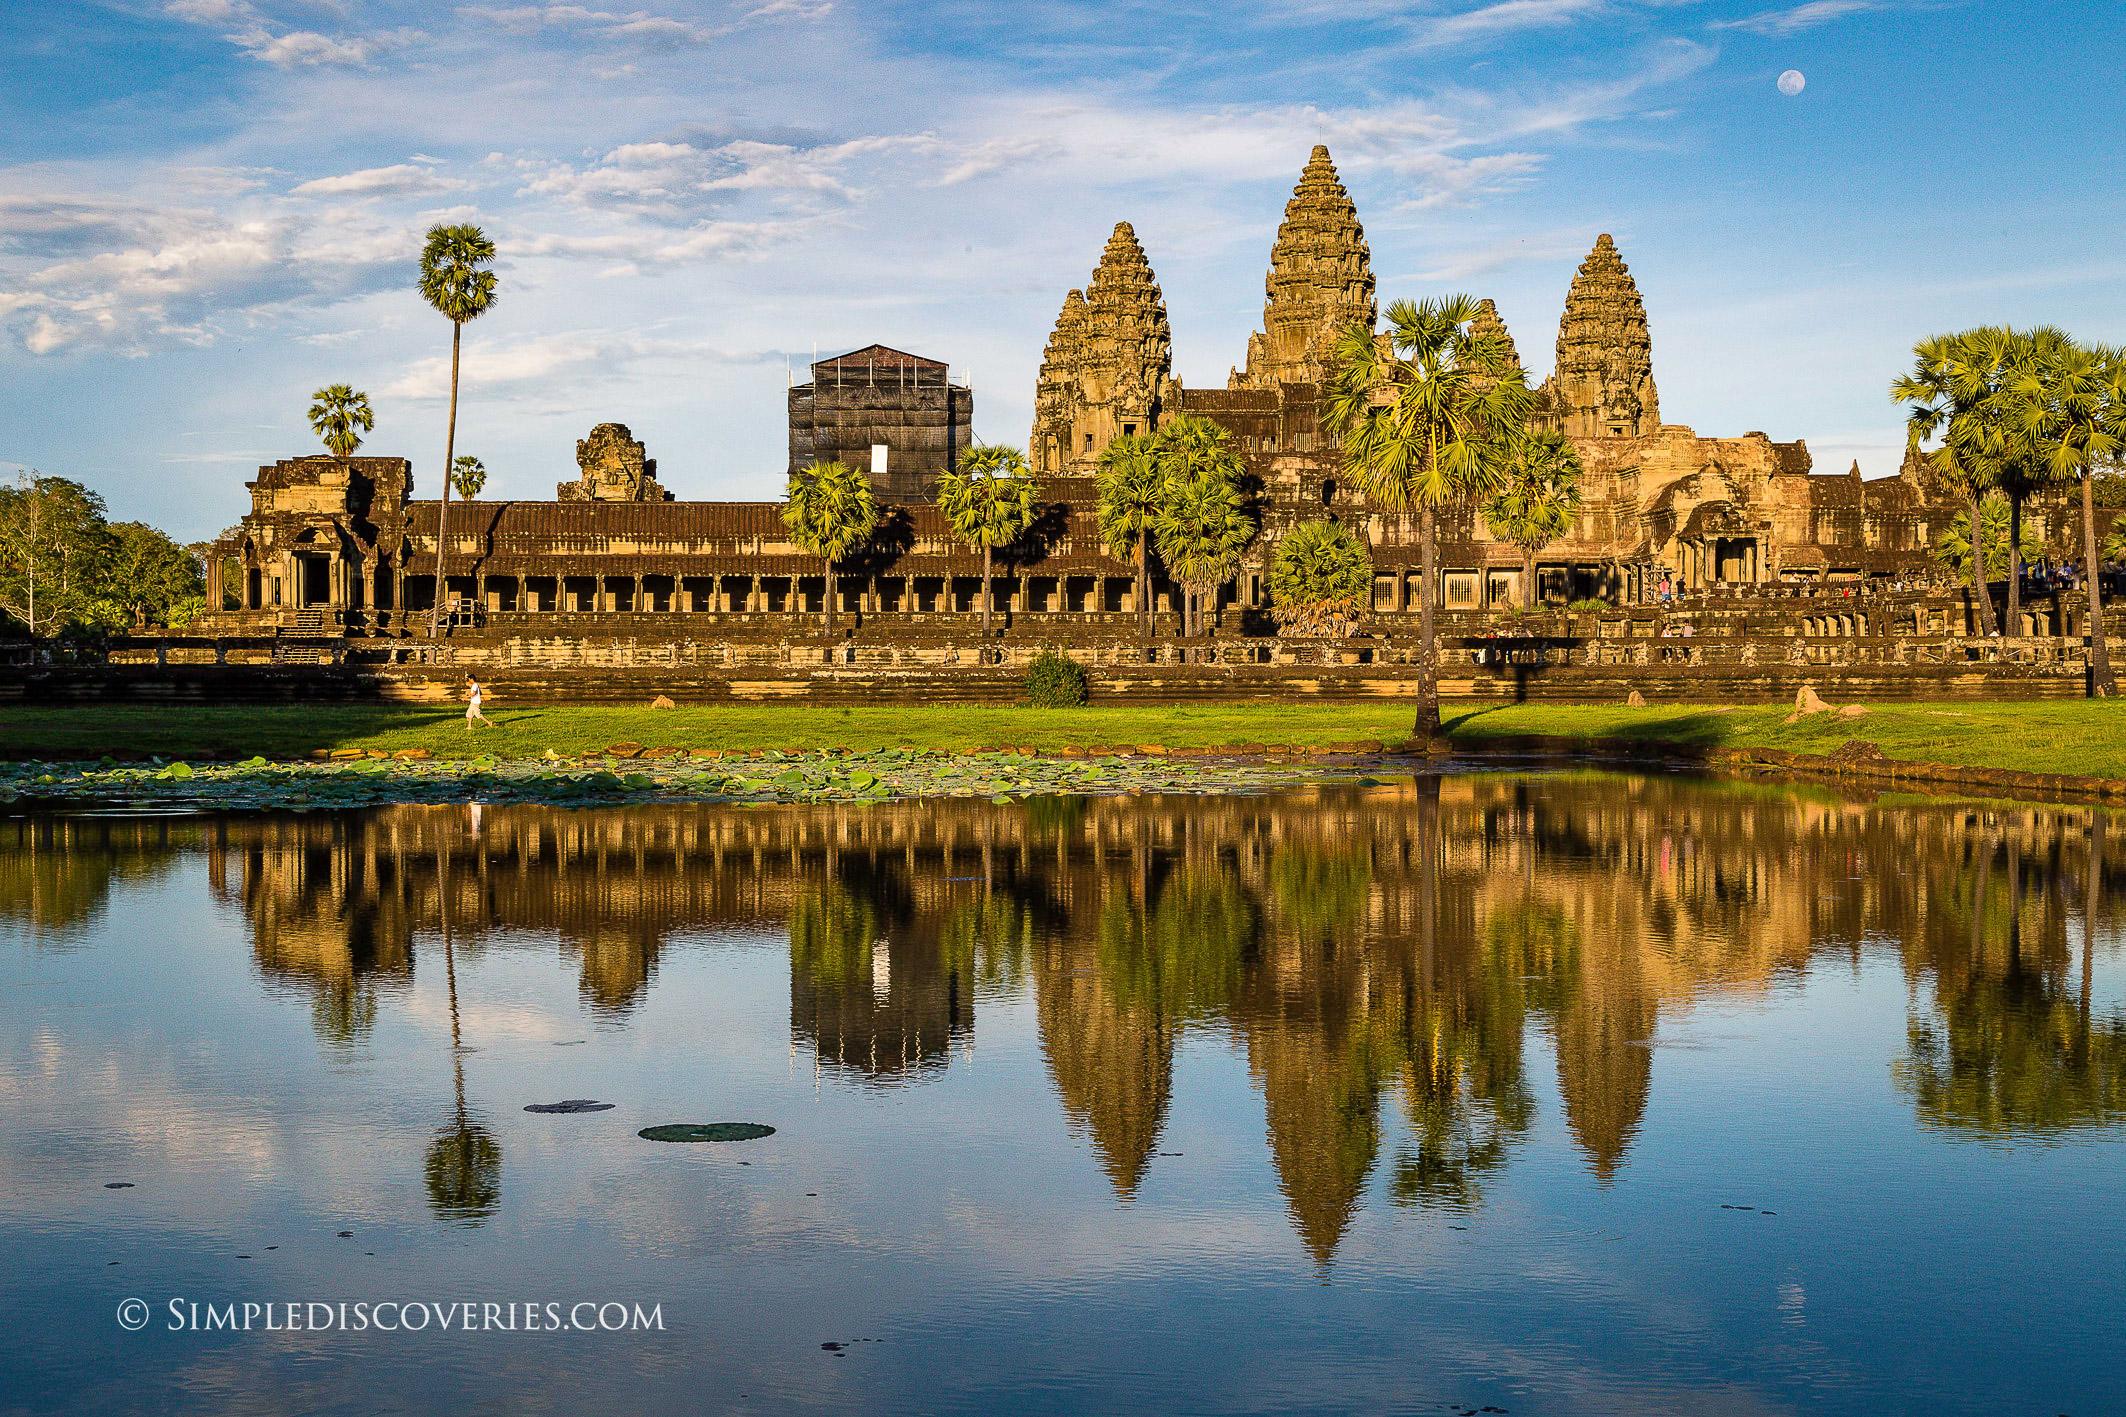 angkor_wat_reflection_cambodia